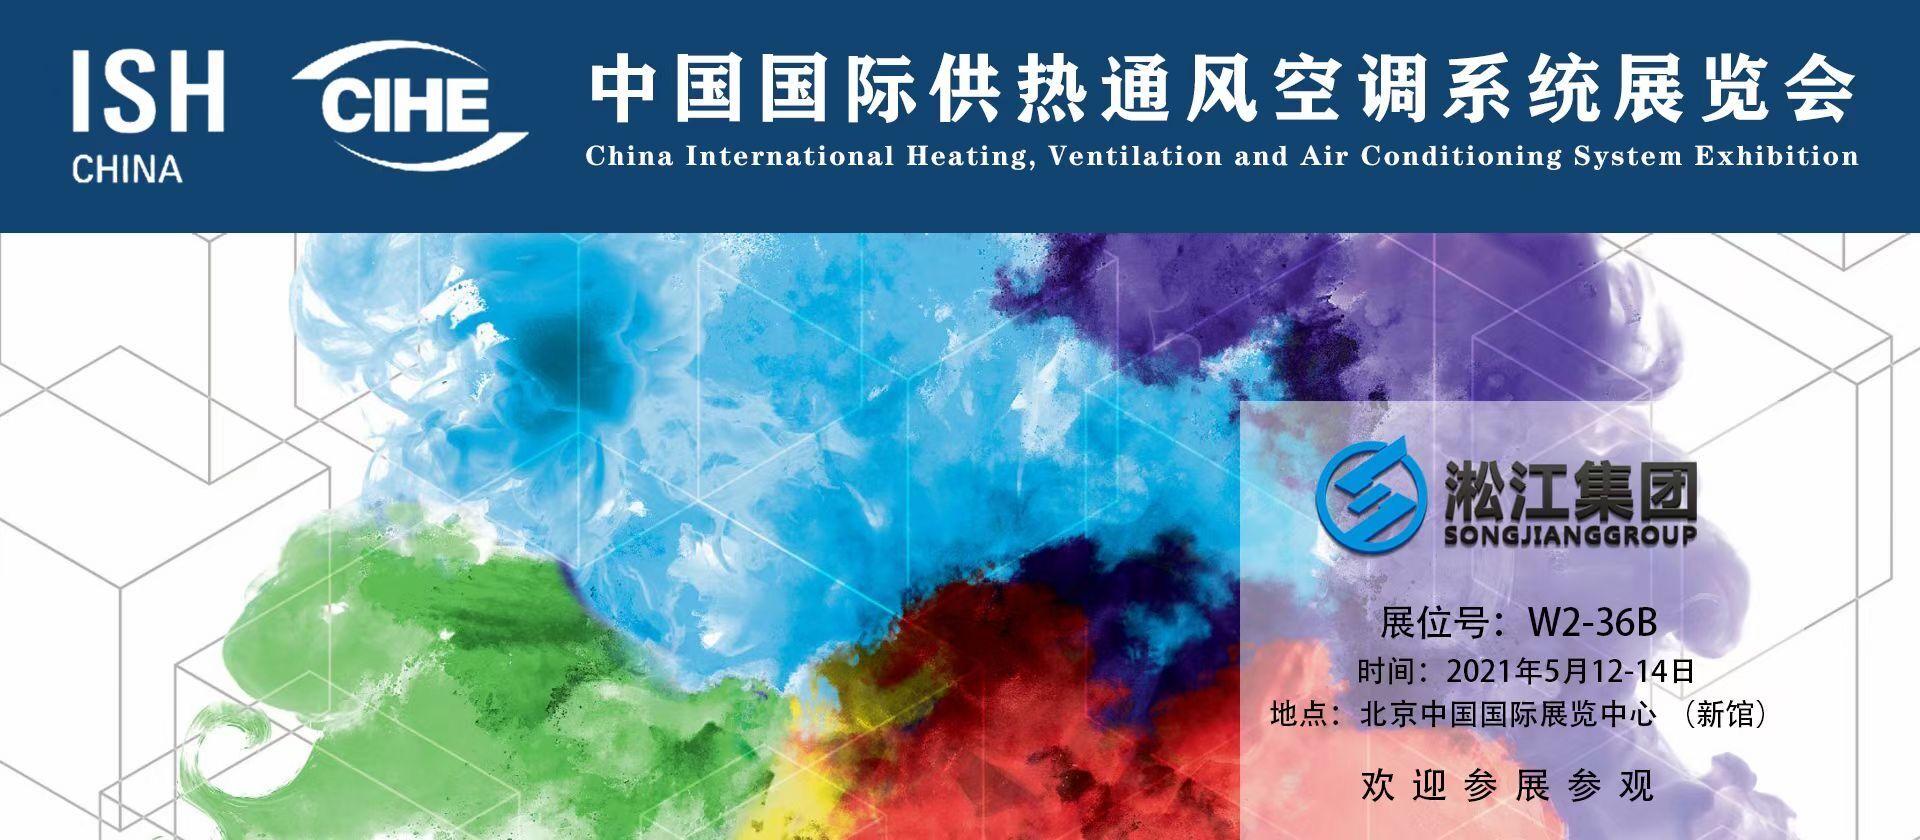 淞江集团参加2021年中国国际北京供热展览会